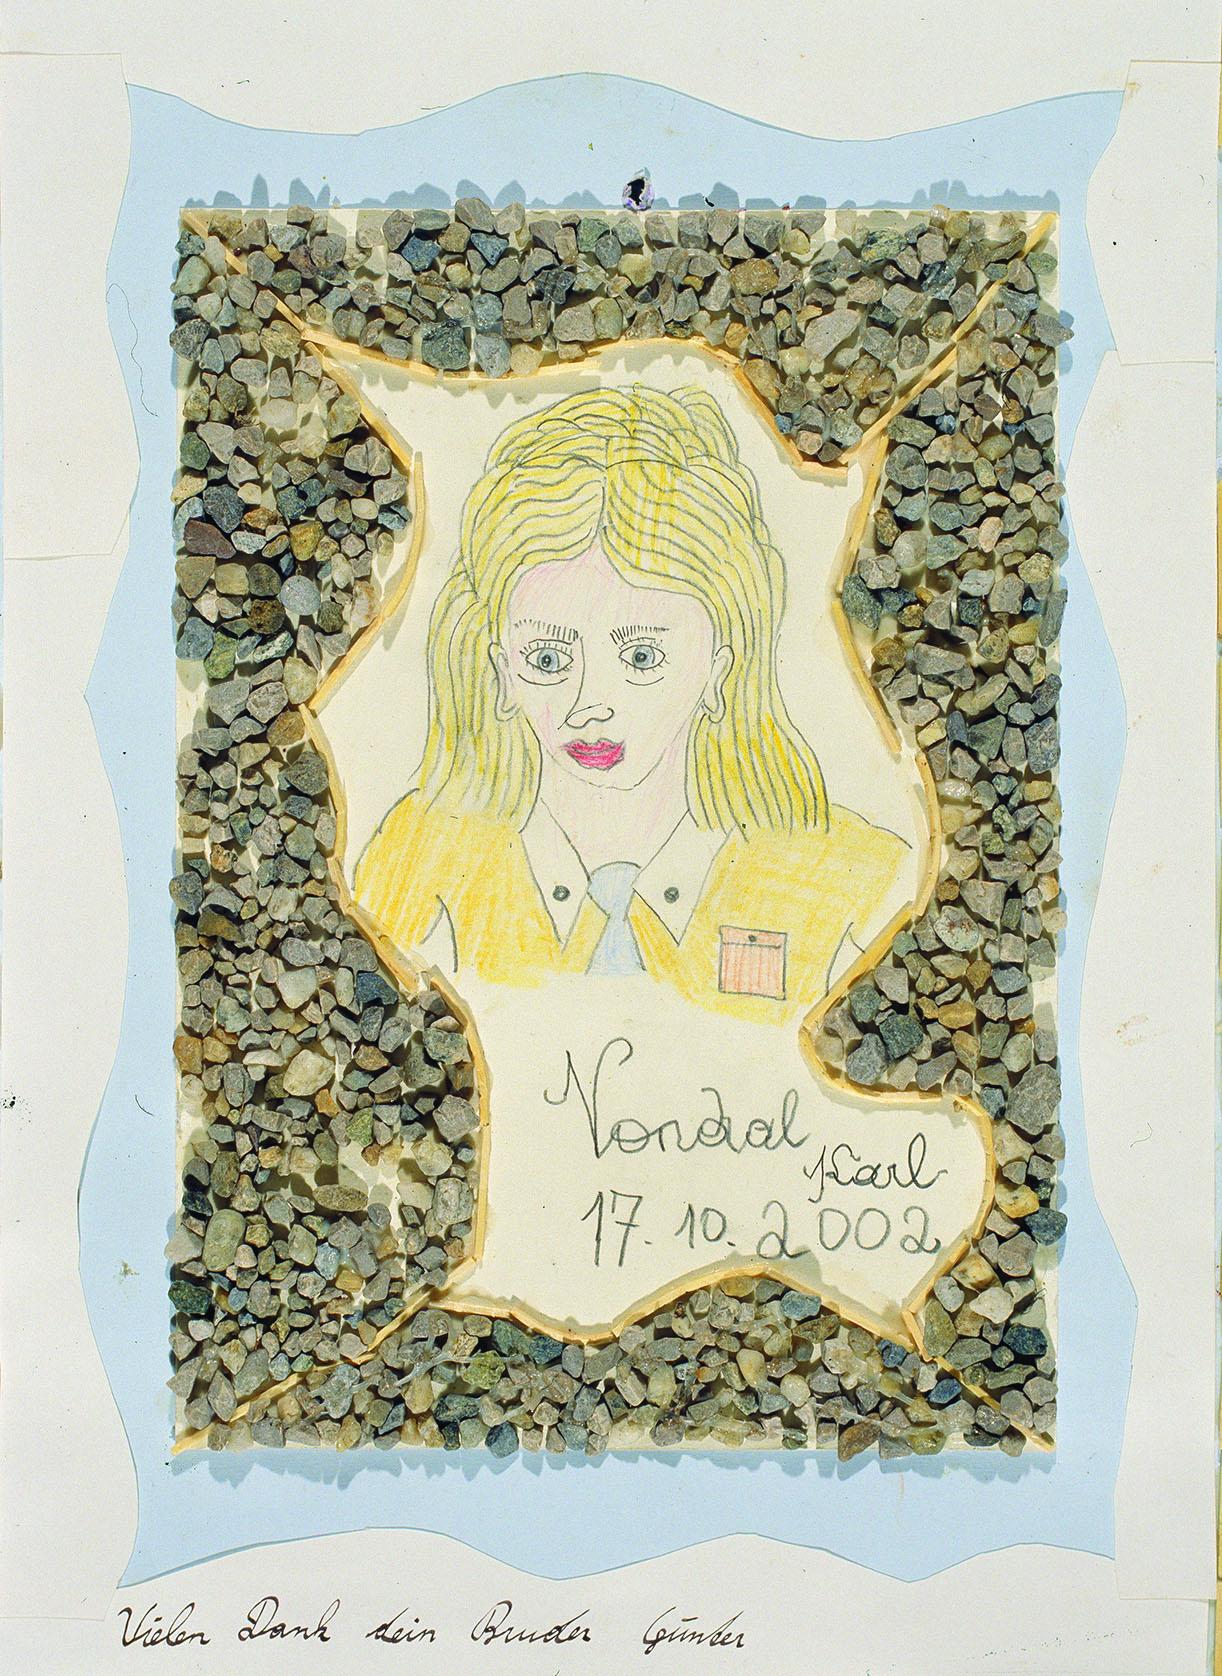 Karl Vondal, Frau, 2002 © Privatstiftung – Künstler aus Gugging